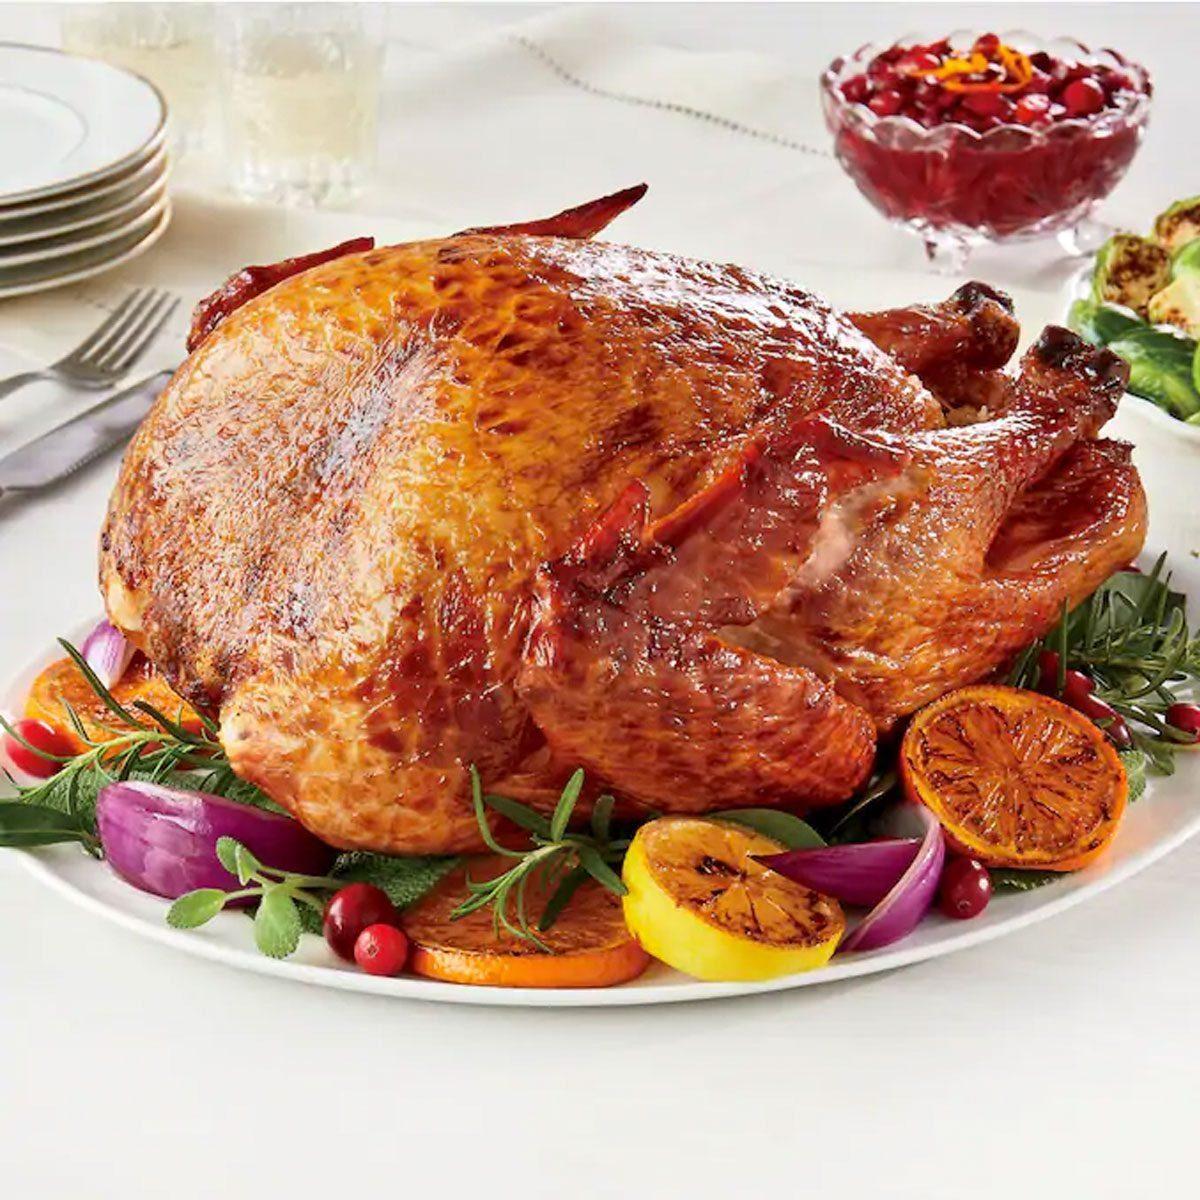 Hickory-Smoked Whole Turkey